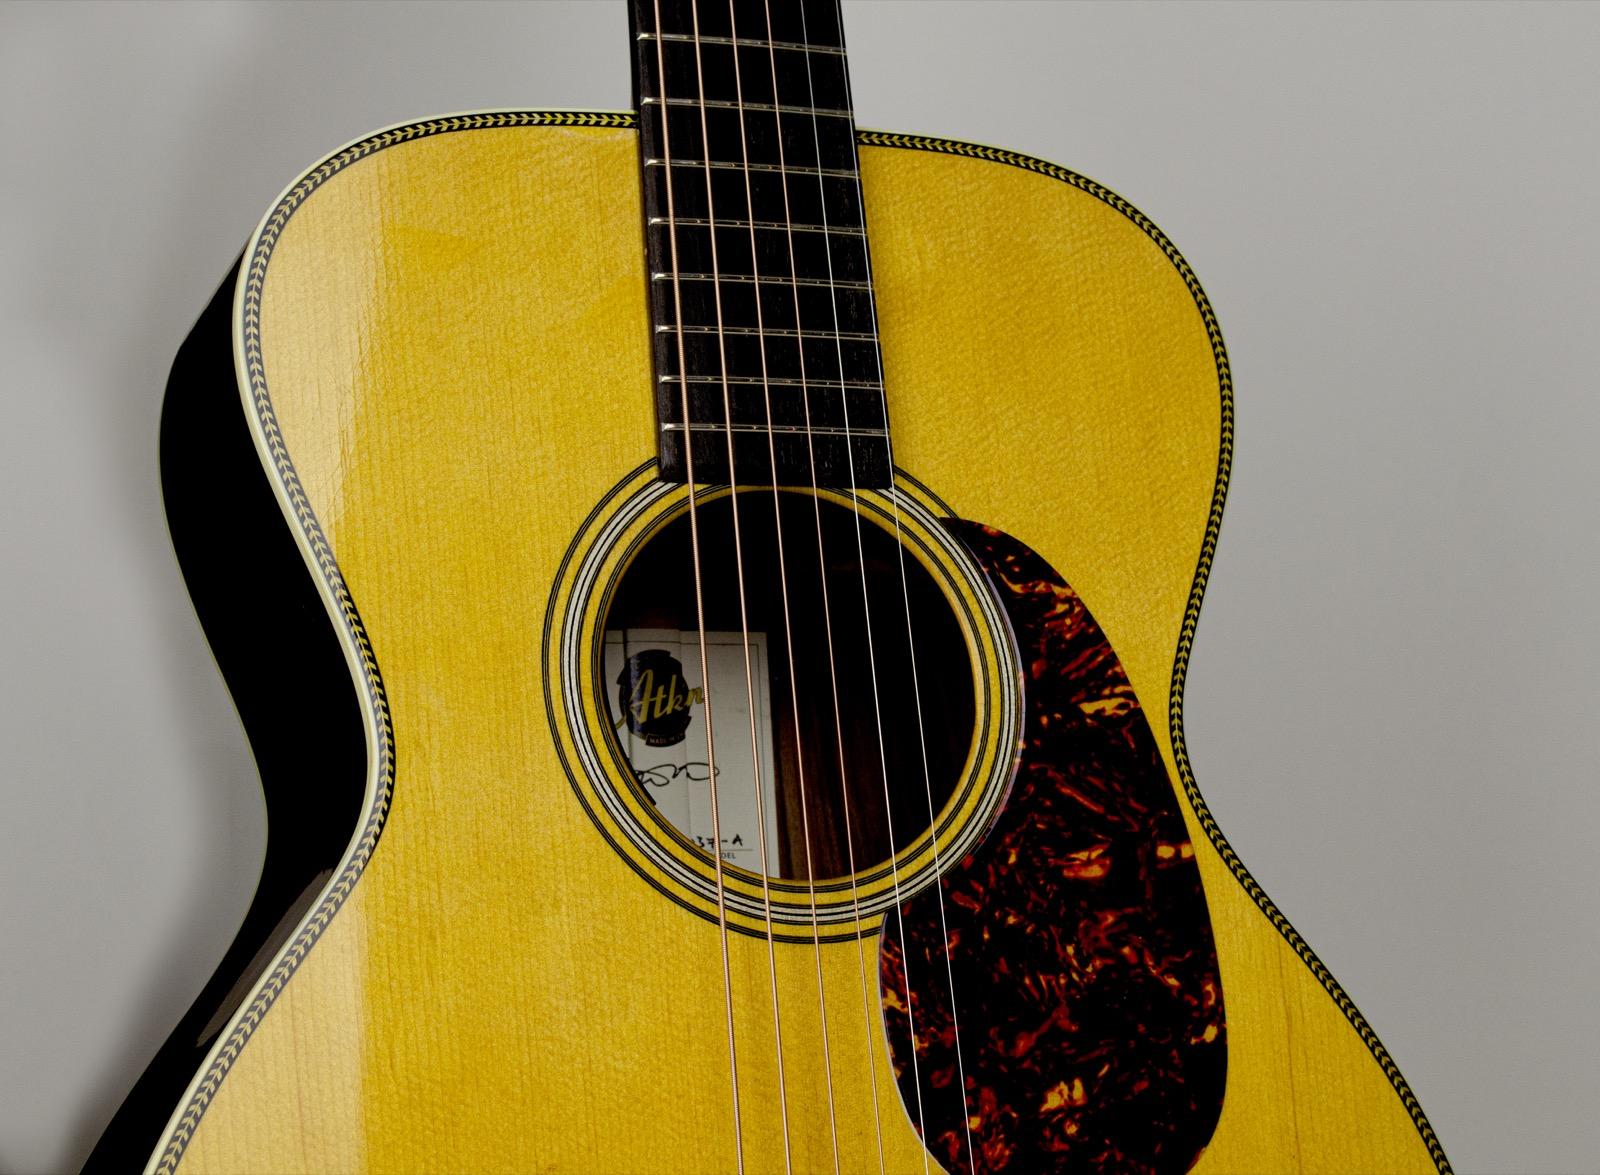 O37 - Atkin Guitars